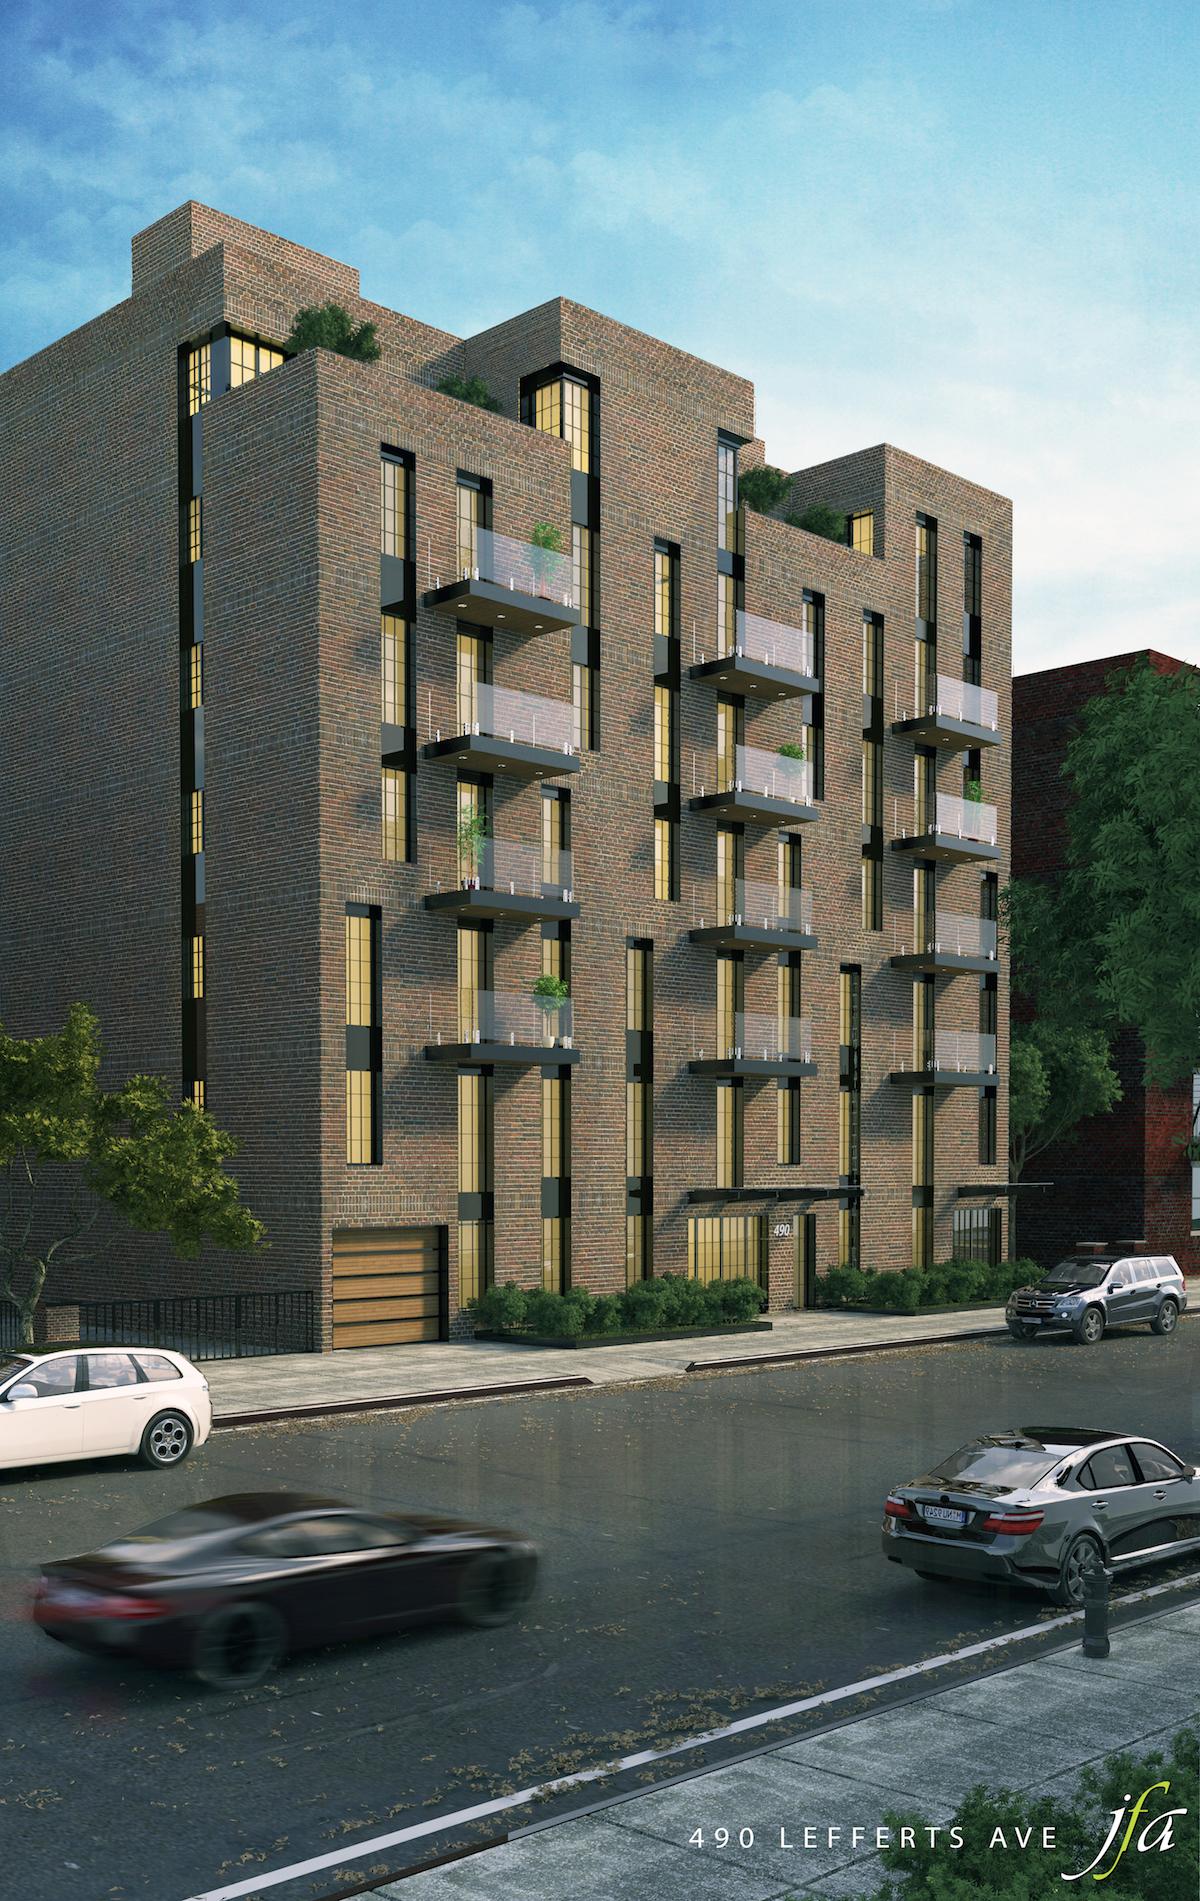 490 Lefferts Avenue, rendering by J Frankl Associates